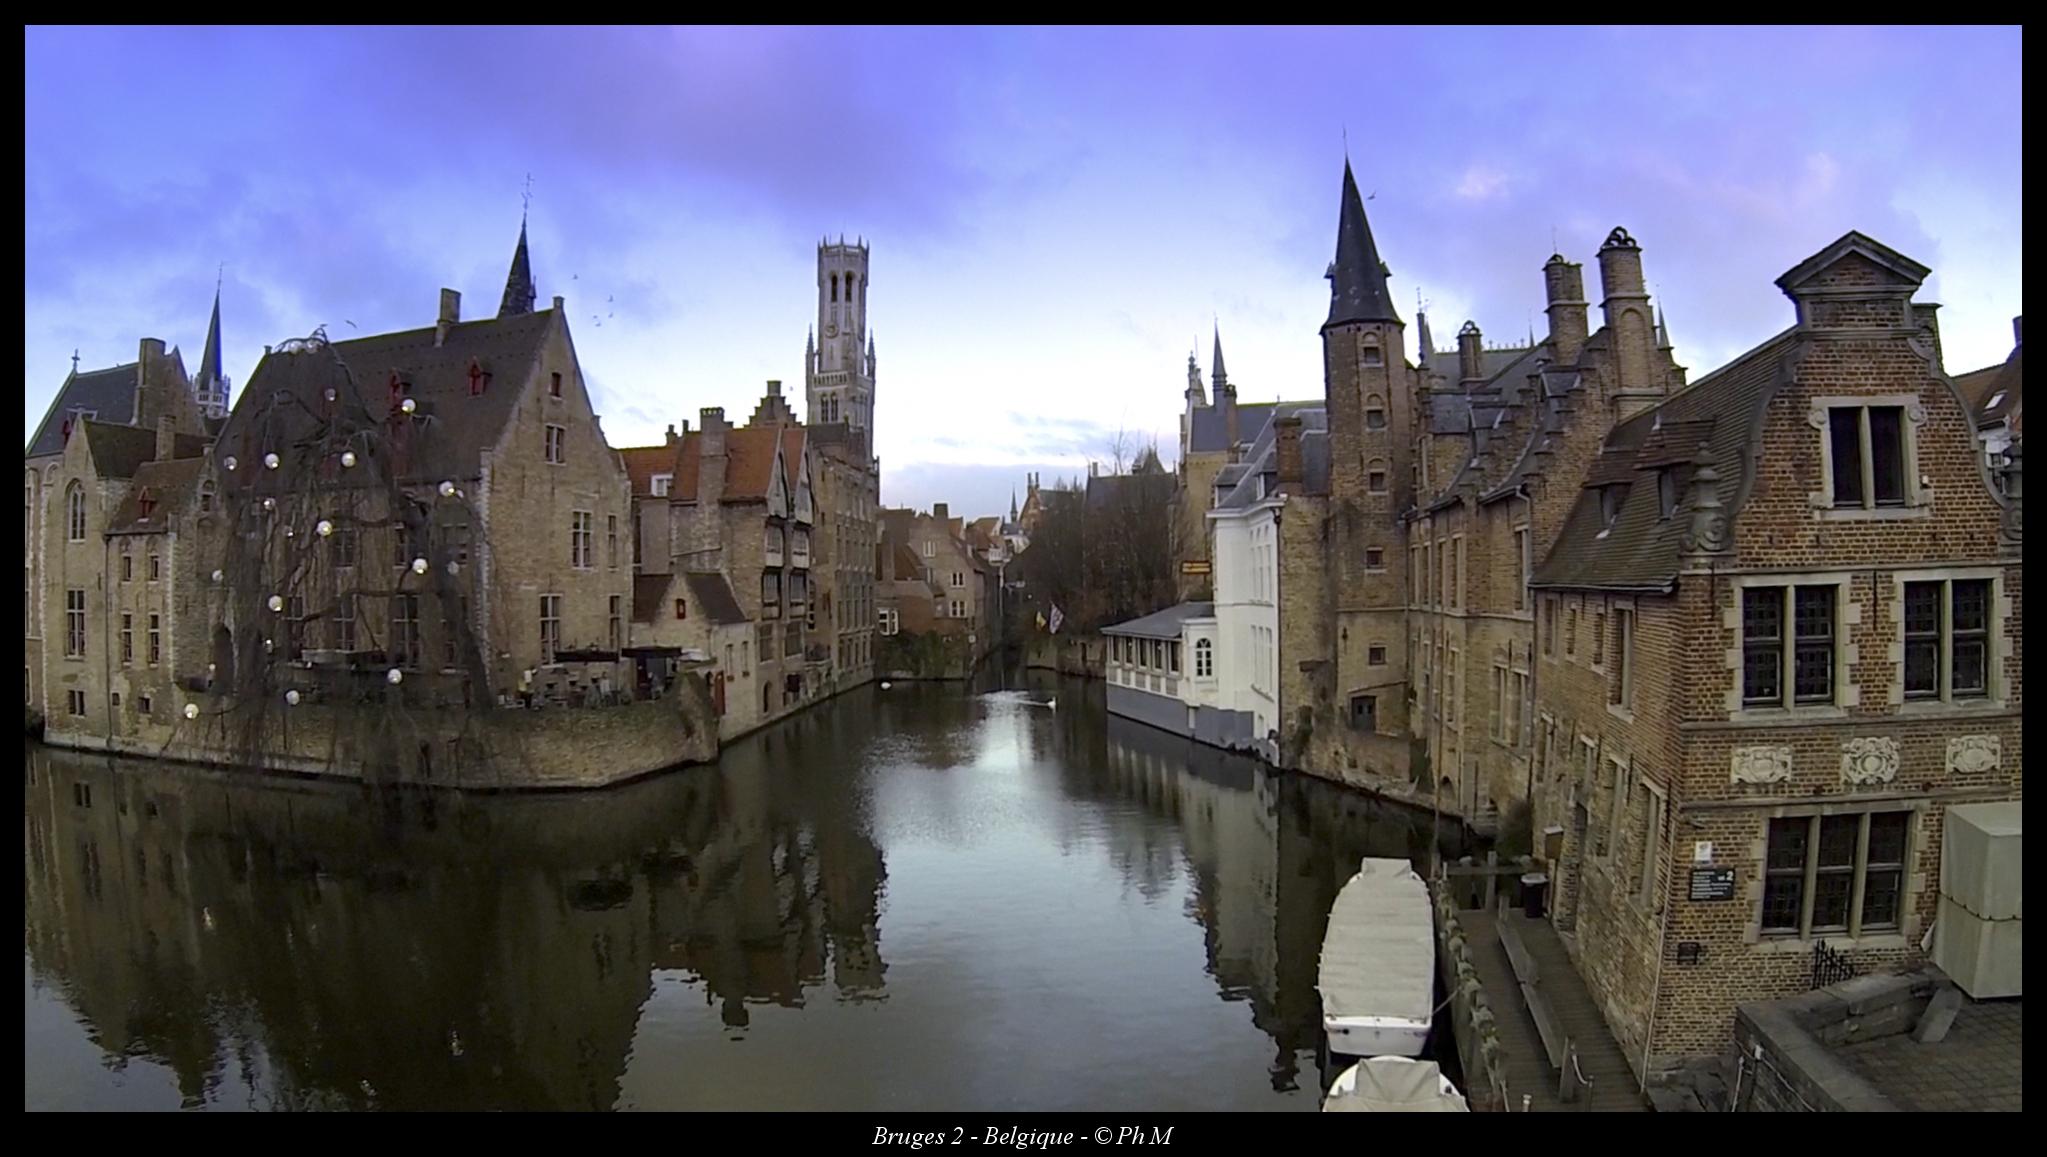 Bruges 2.jpg